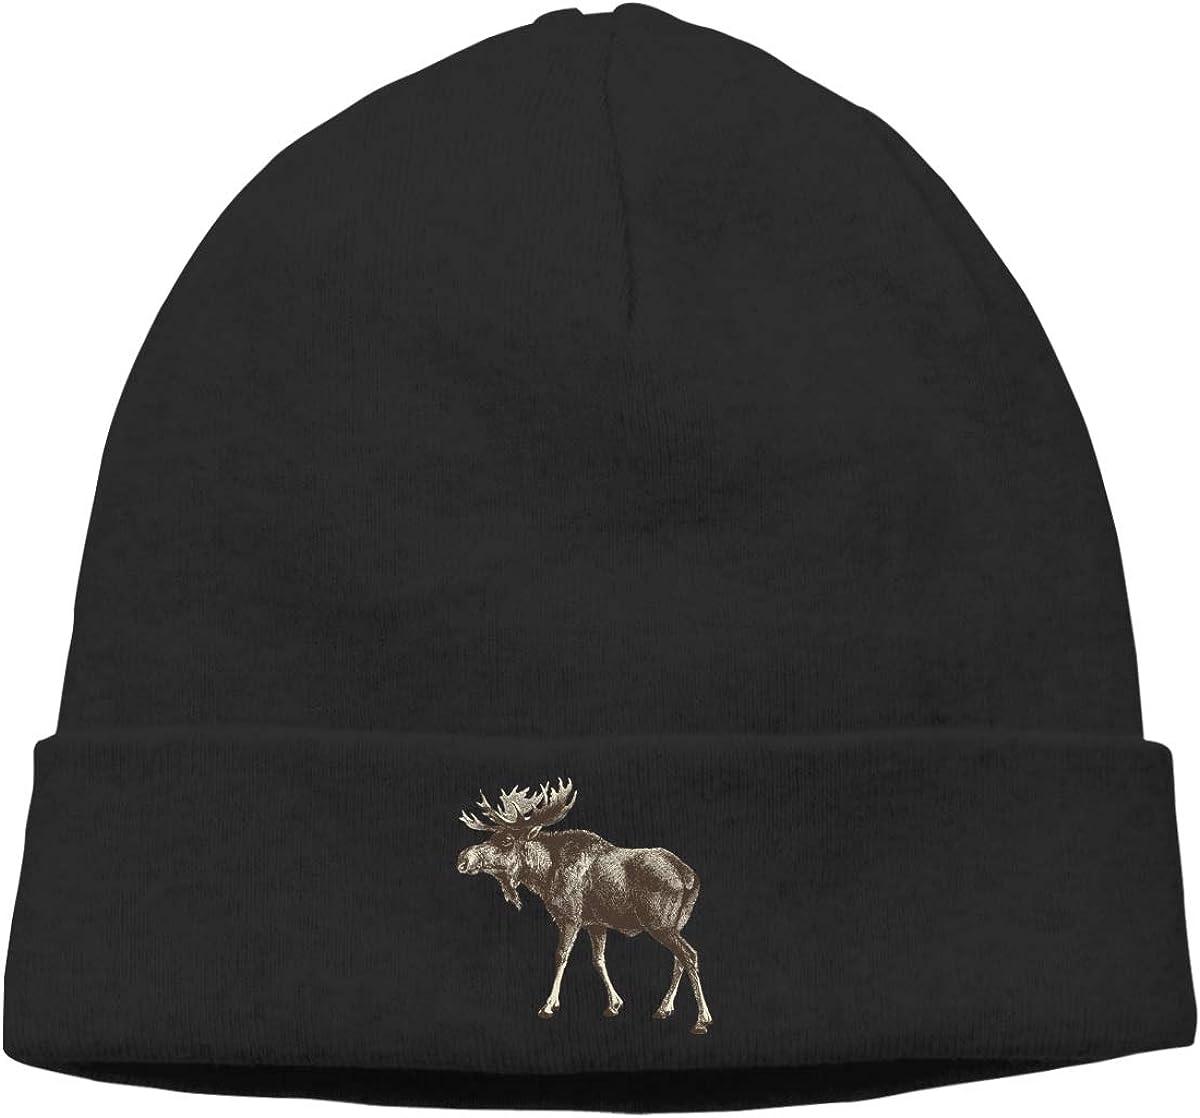 Riokk az Wood Moose Skull Hats Beanie Caps for Mens Black